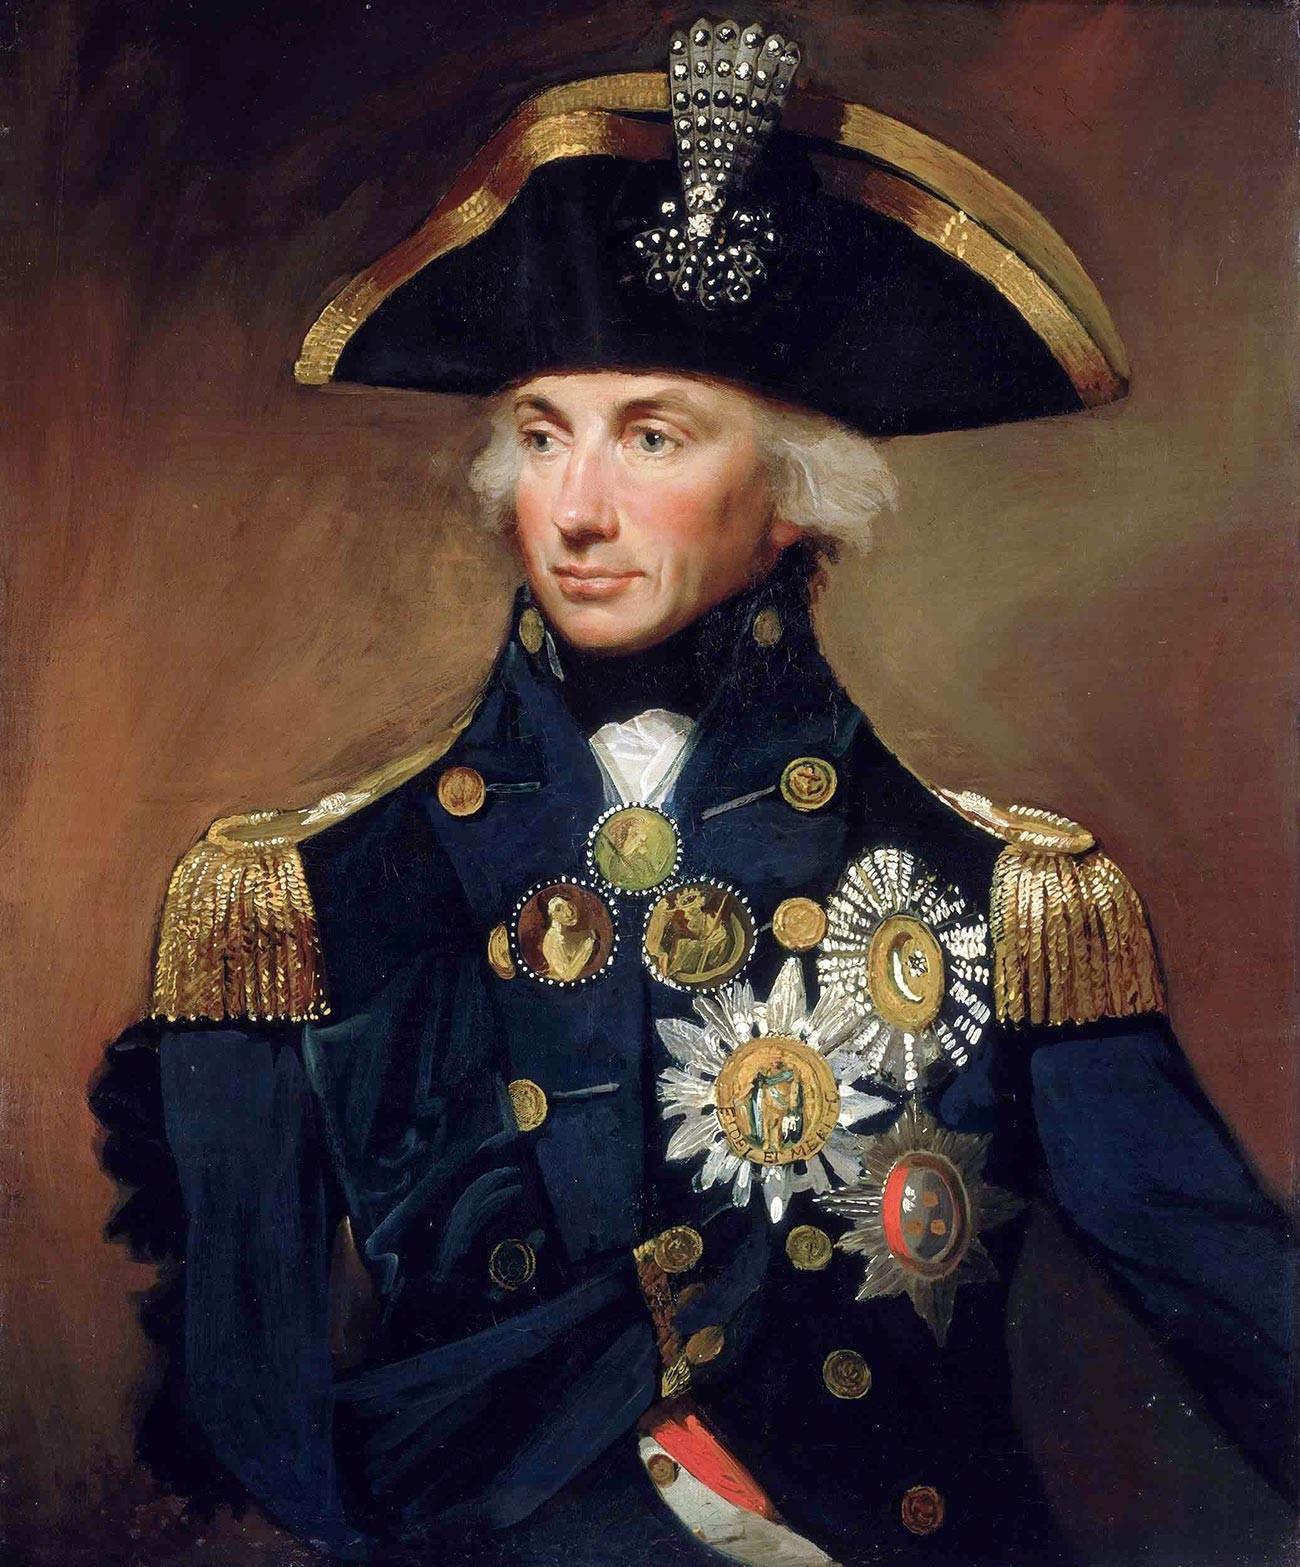 大元帥の軍服を着るスヴォーロフ